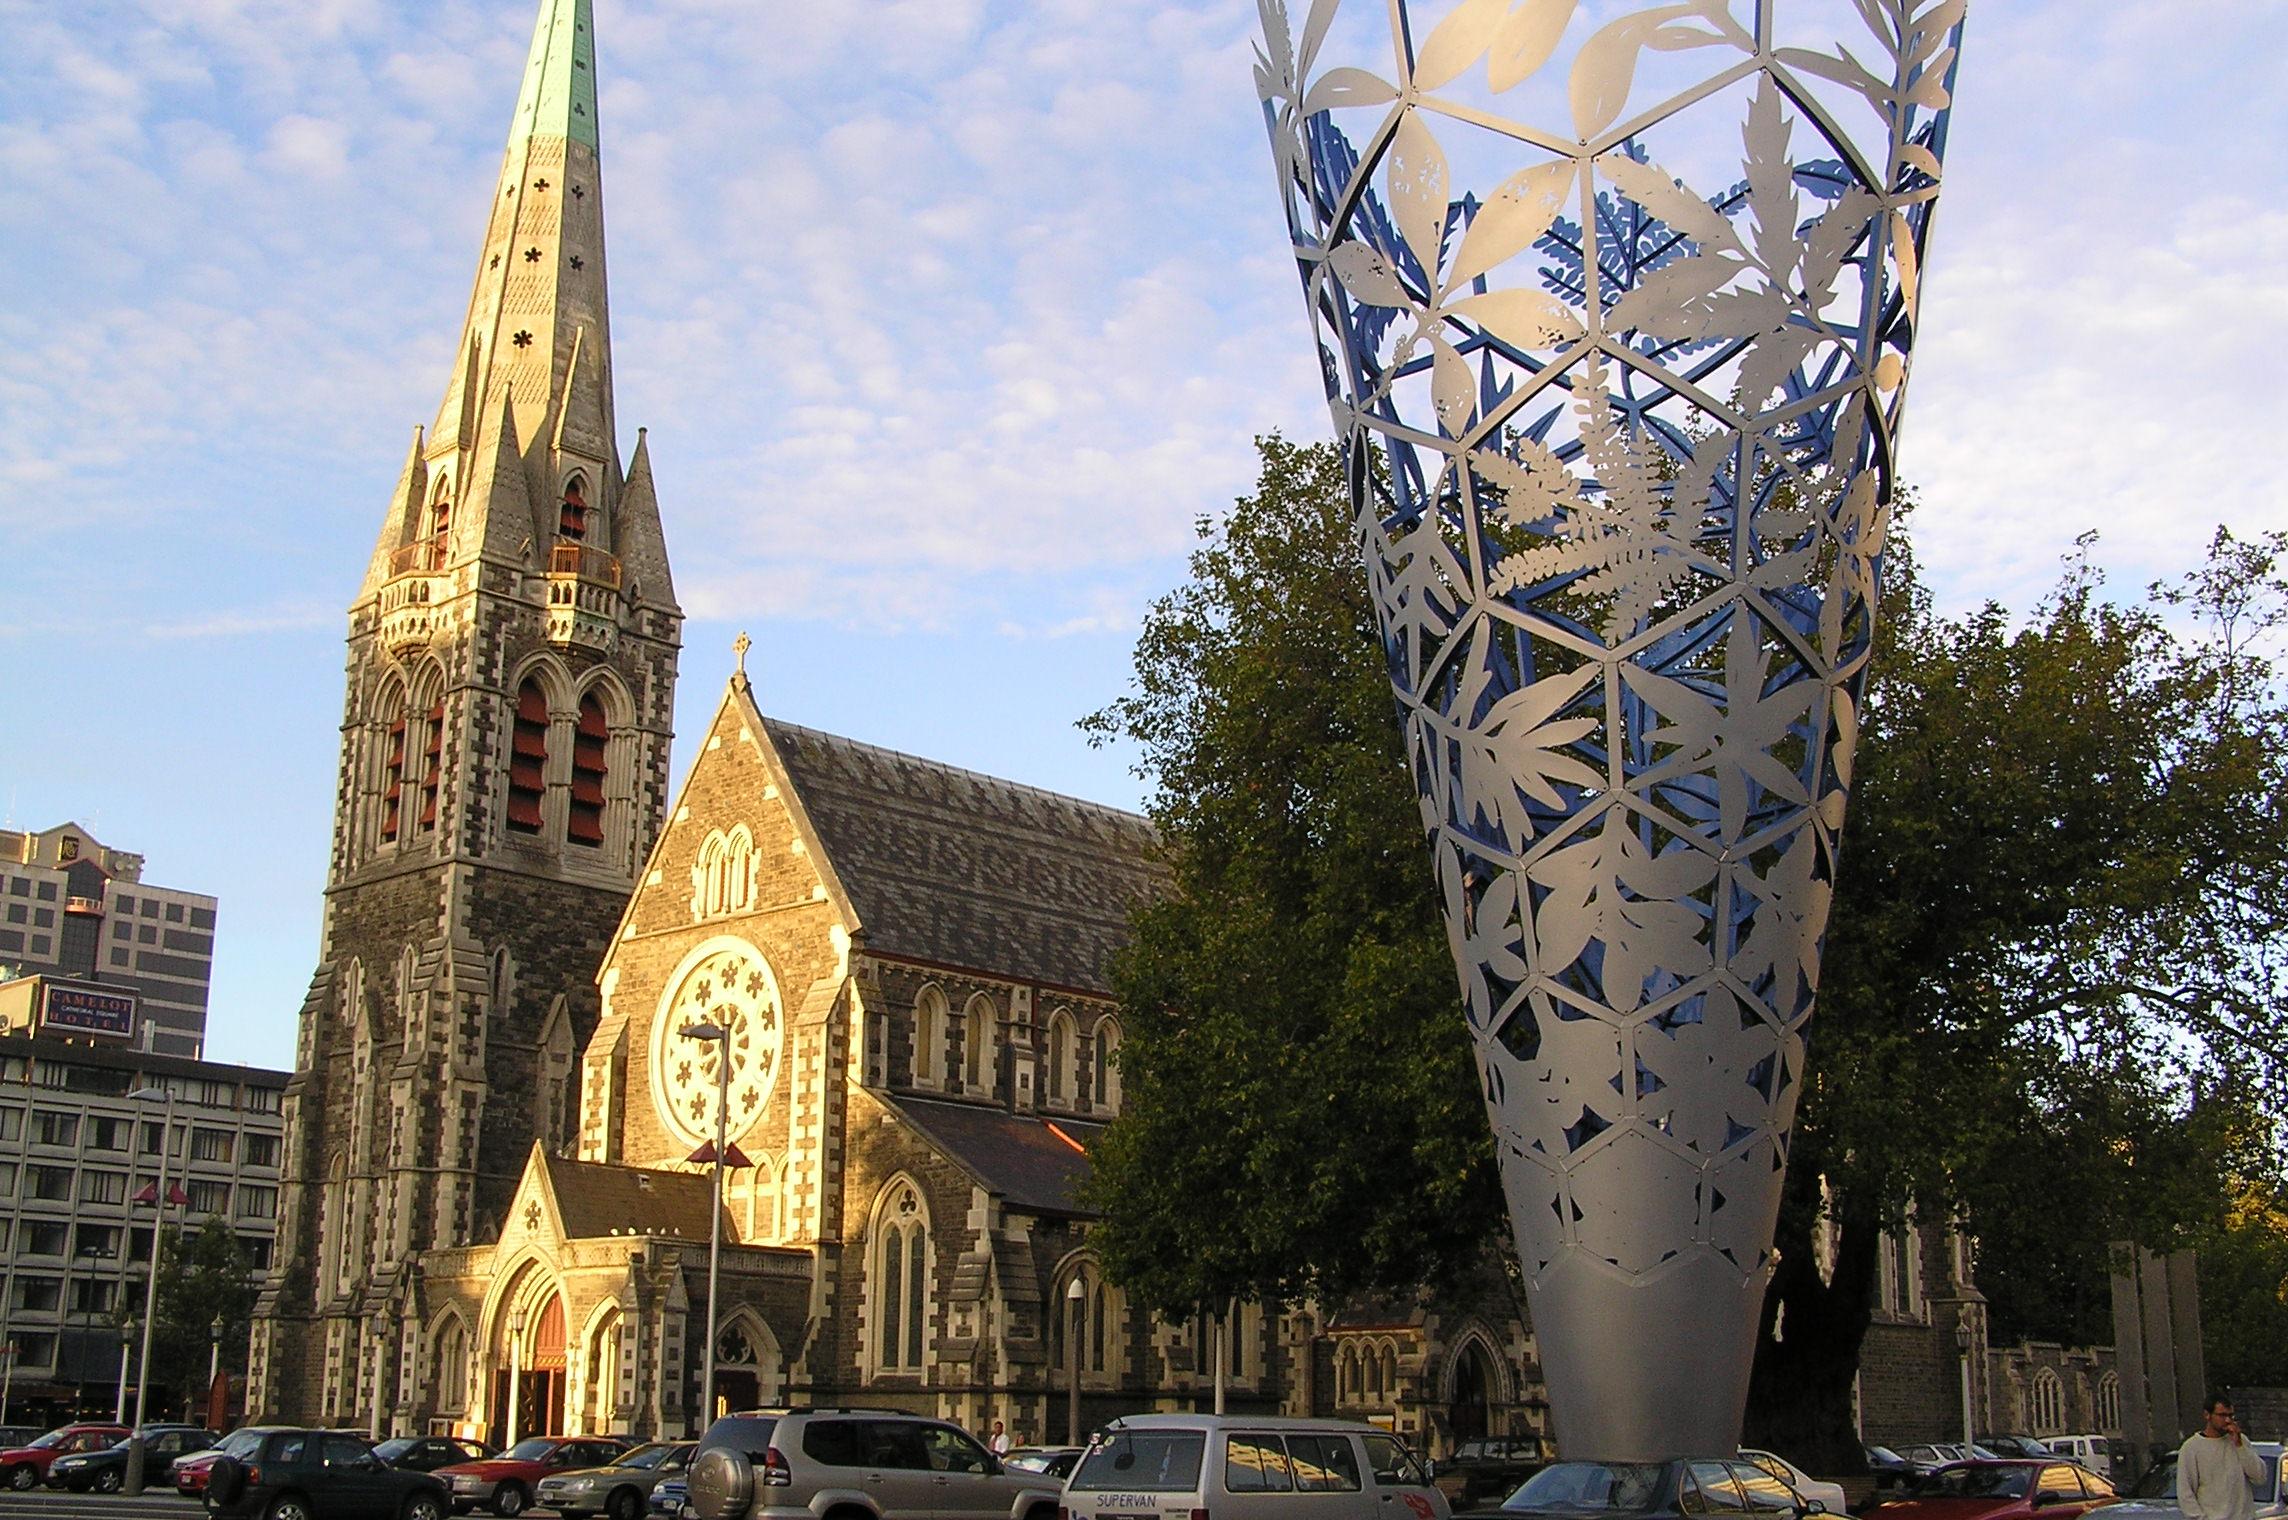 Christchurch New Zealand News: Christchurch